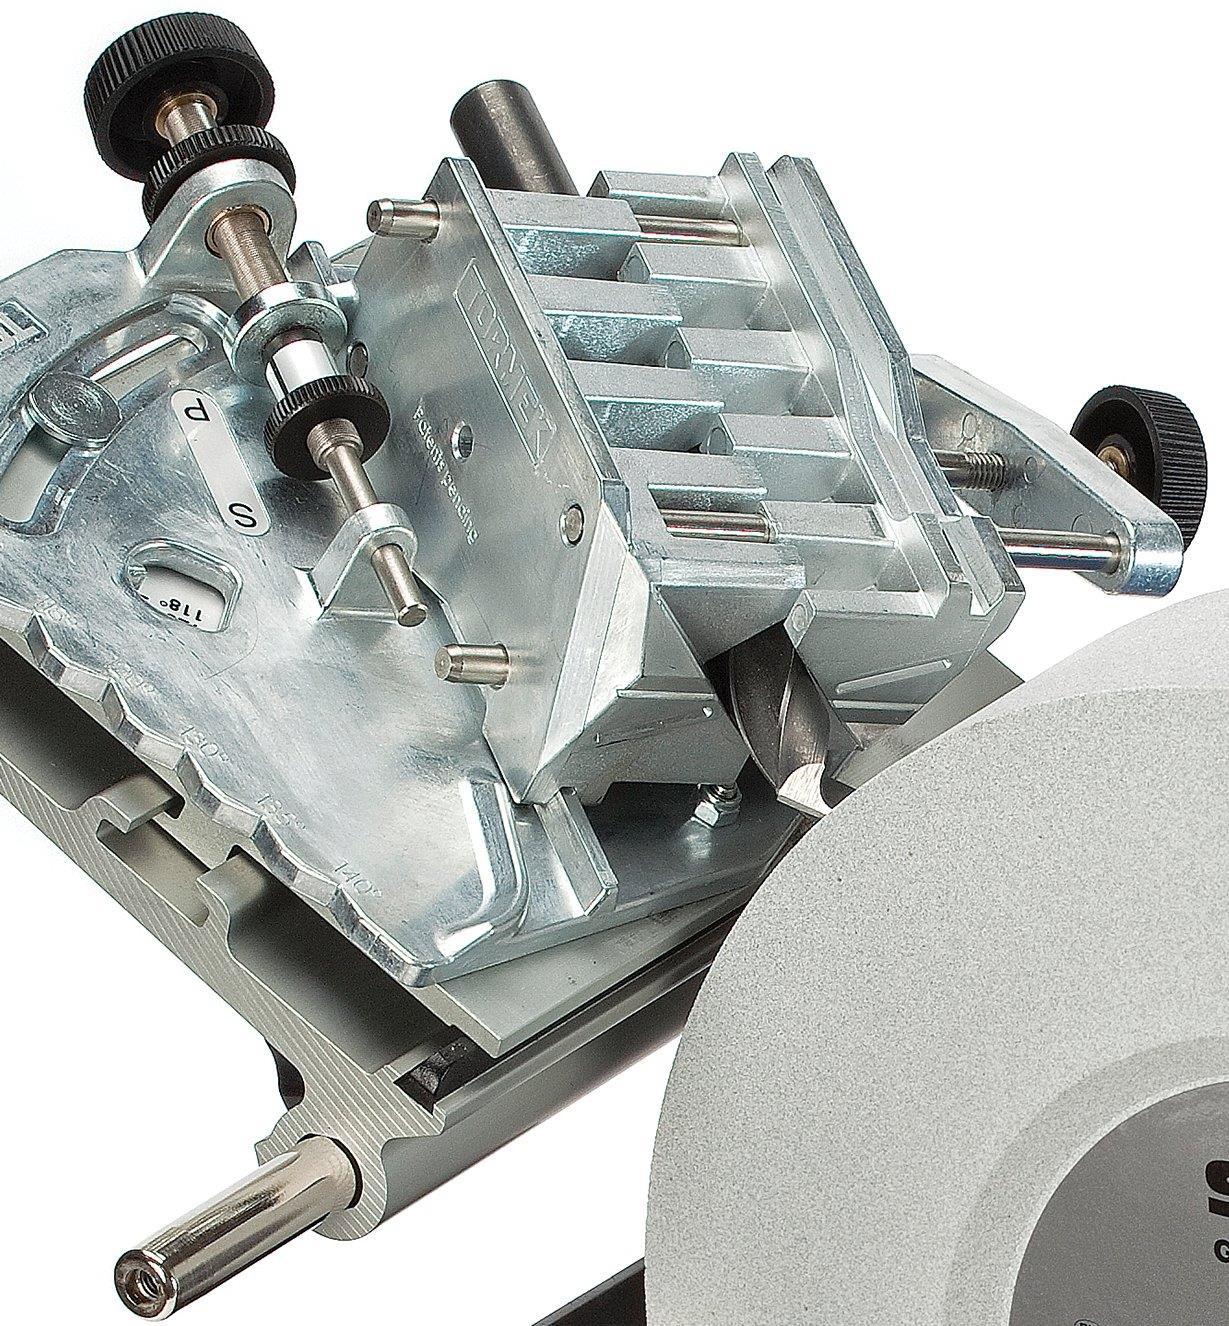 68M0129 - Tormek Drill Bit Attachment